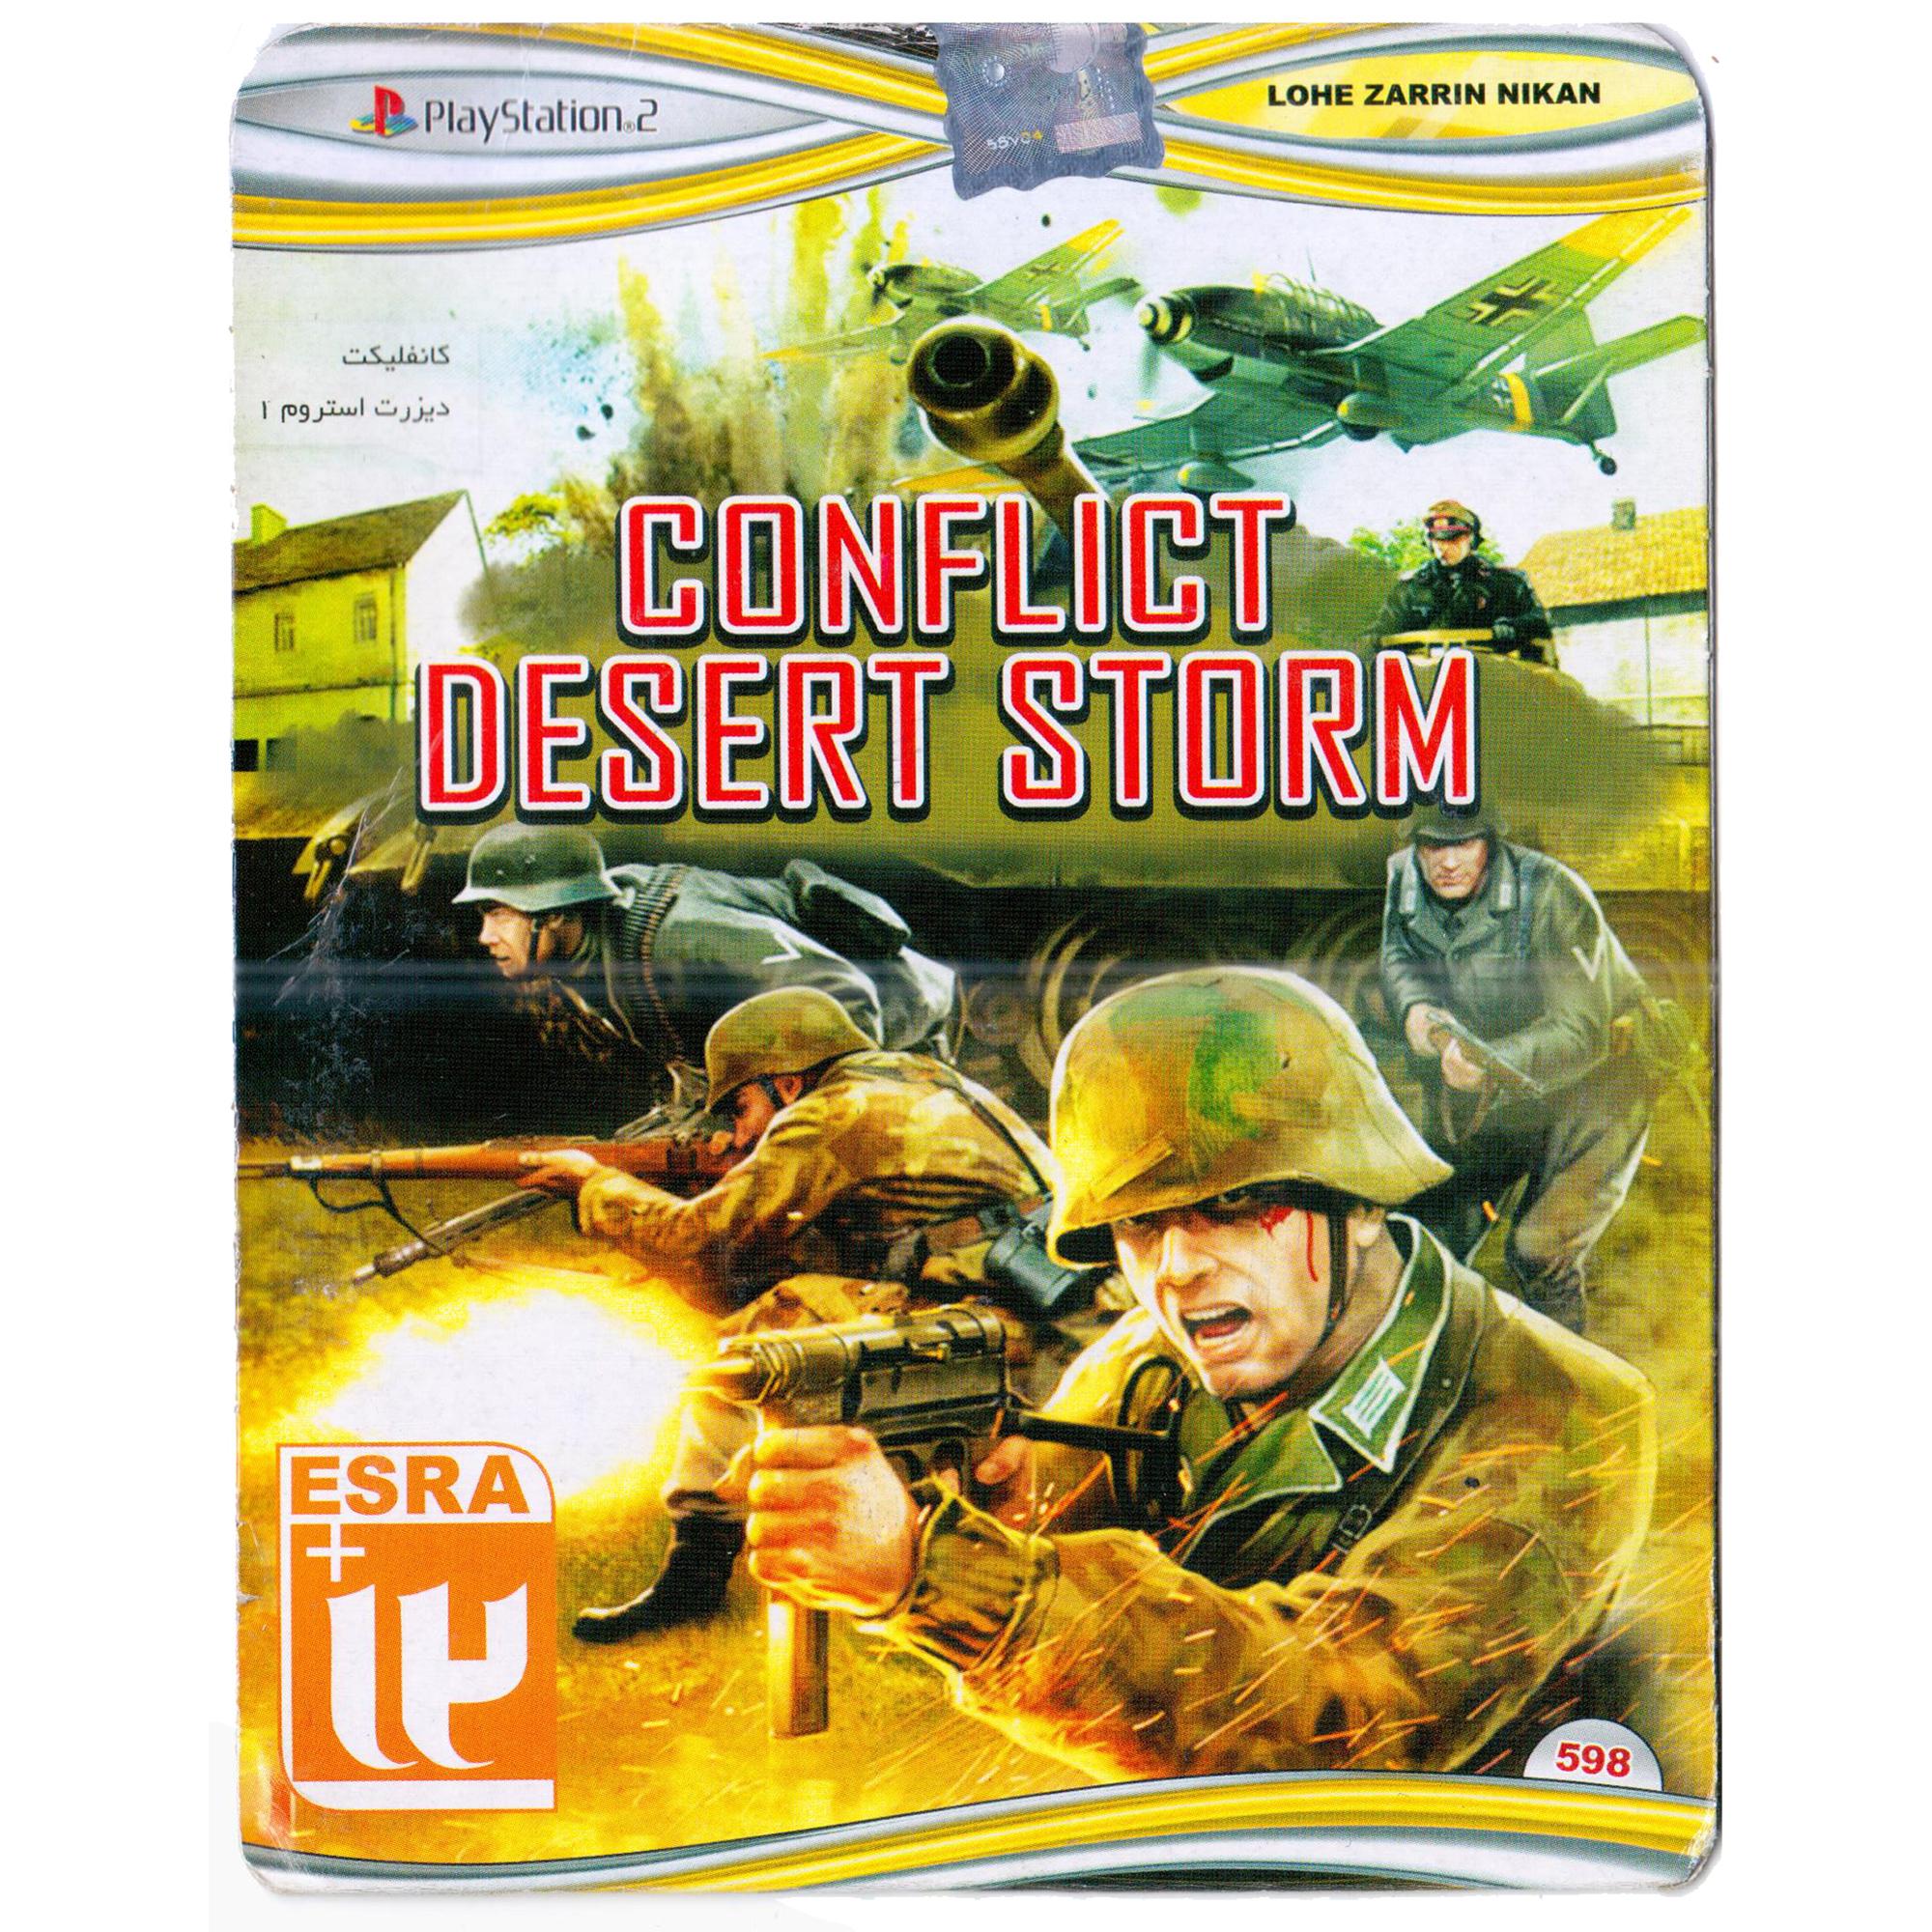 بررسی و {خرید با تخفیف} بازی Conflict Desert Storm مخصوص پلی استیشن 2 اصل